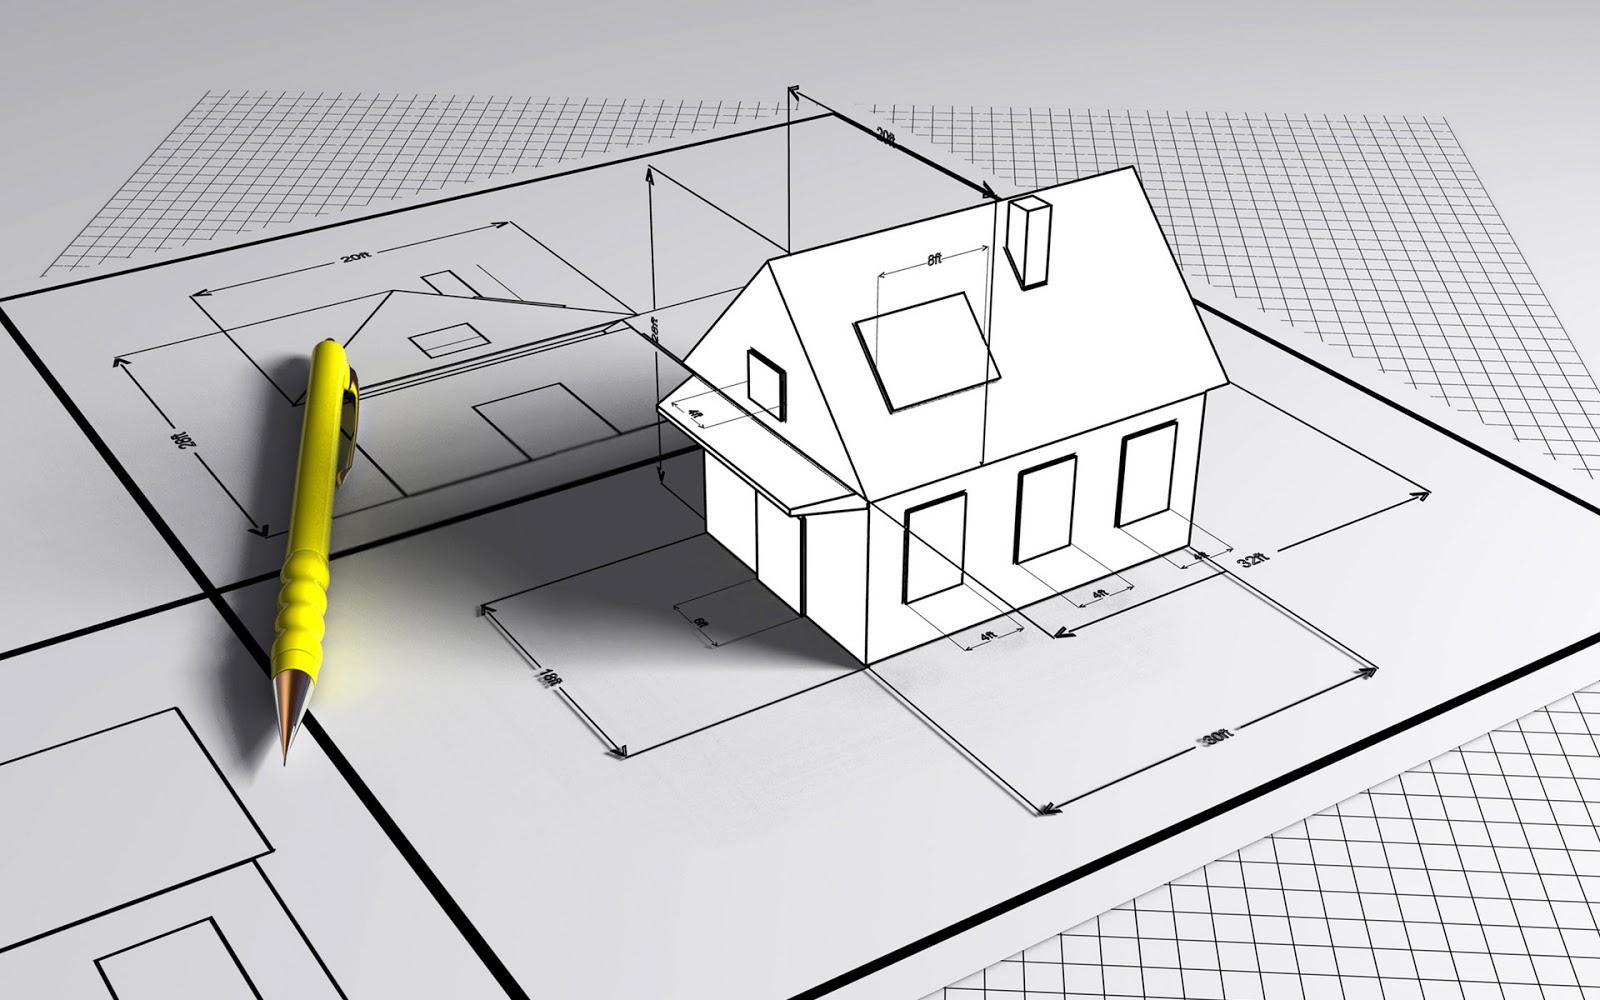 Design Architecture cuegyo: architecture design wallpaper, architectural designs